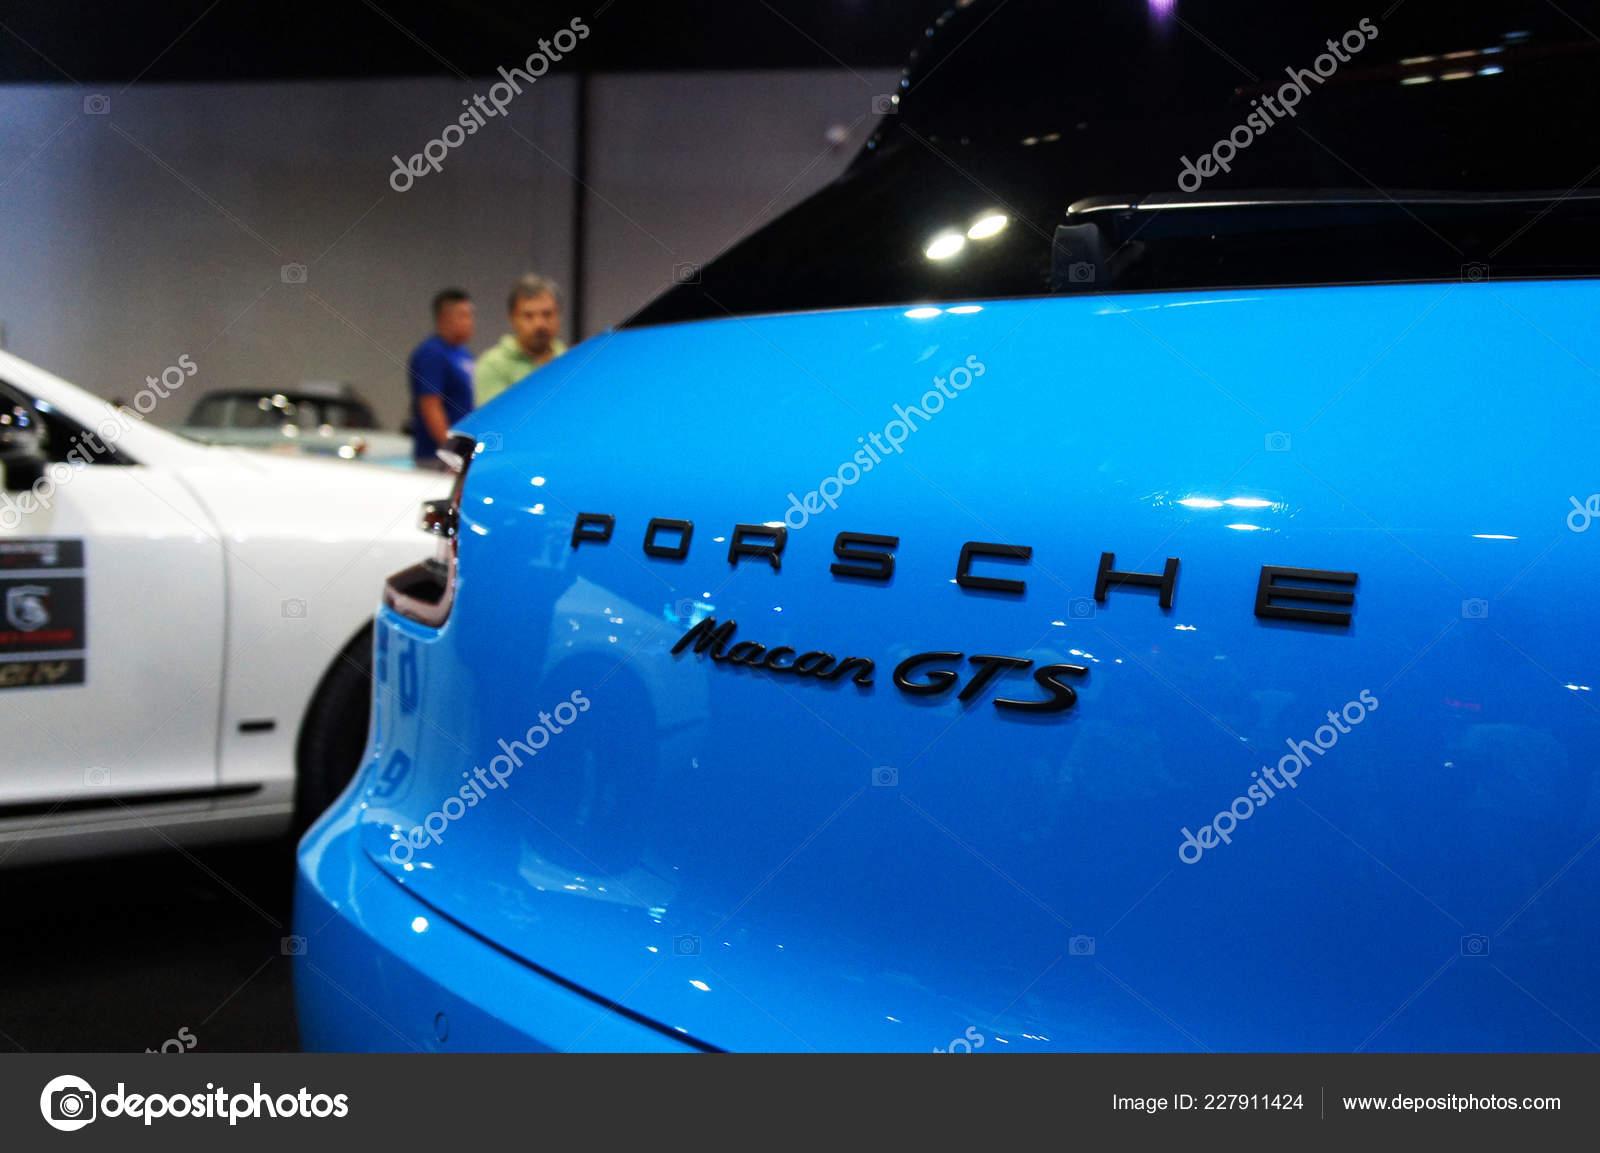 Kuala Lumpur Malaysia November 2018 Porsche Car Logos Emblem Car